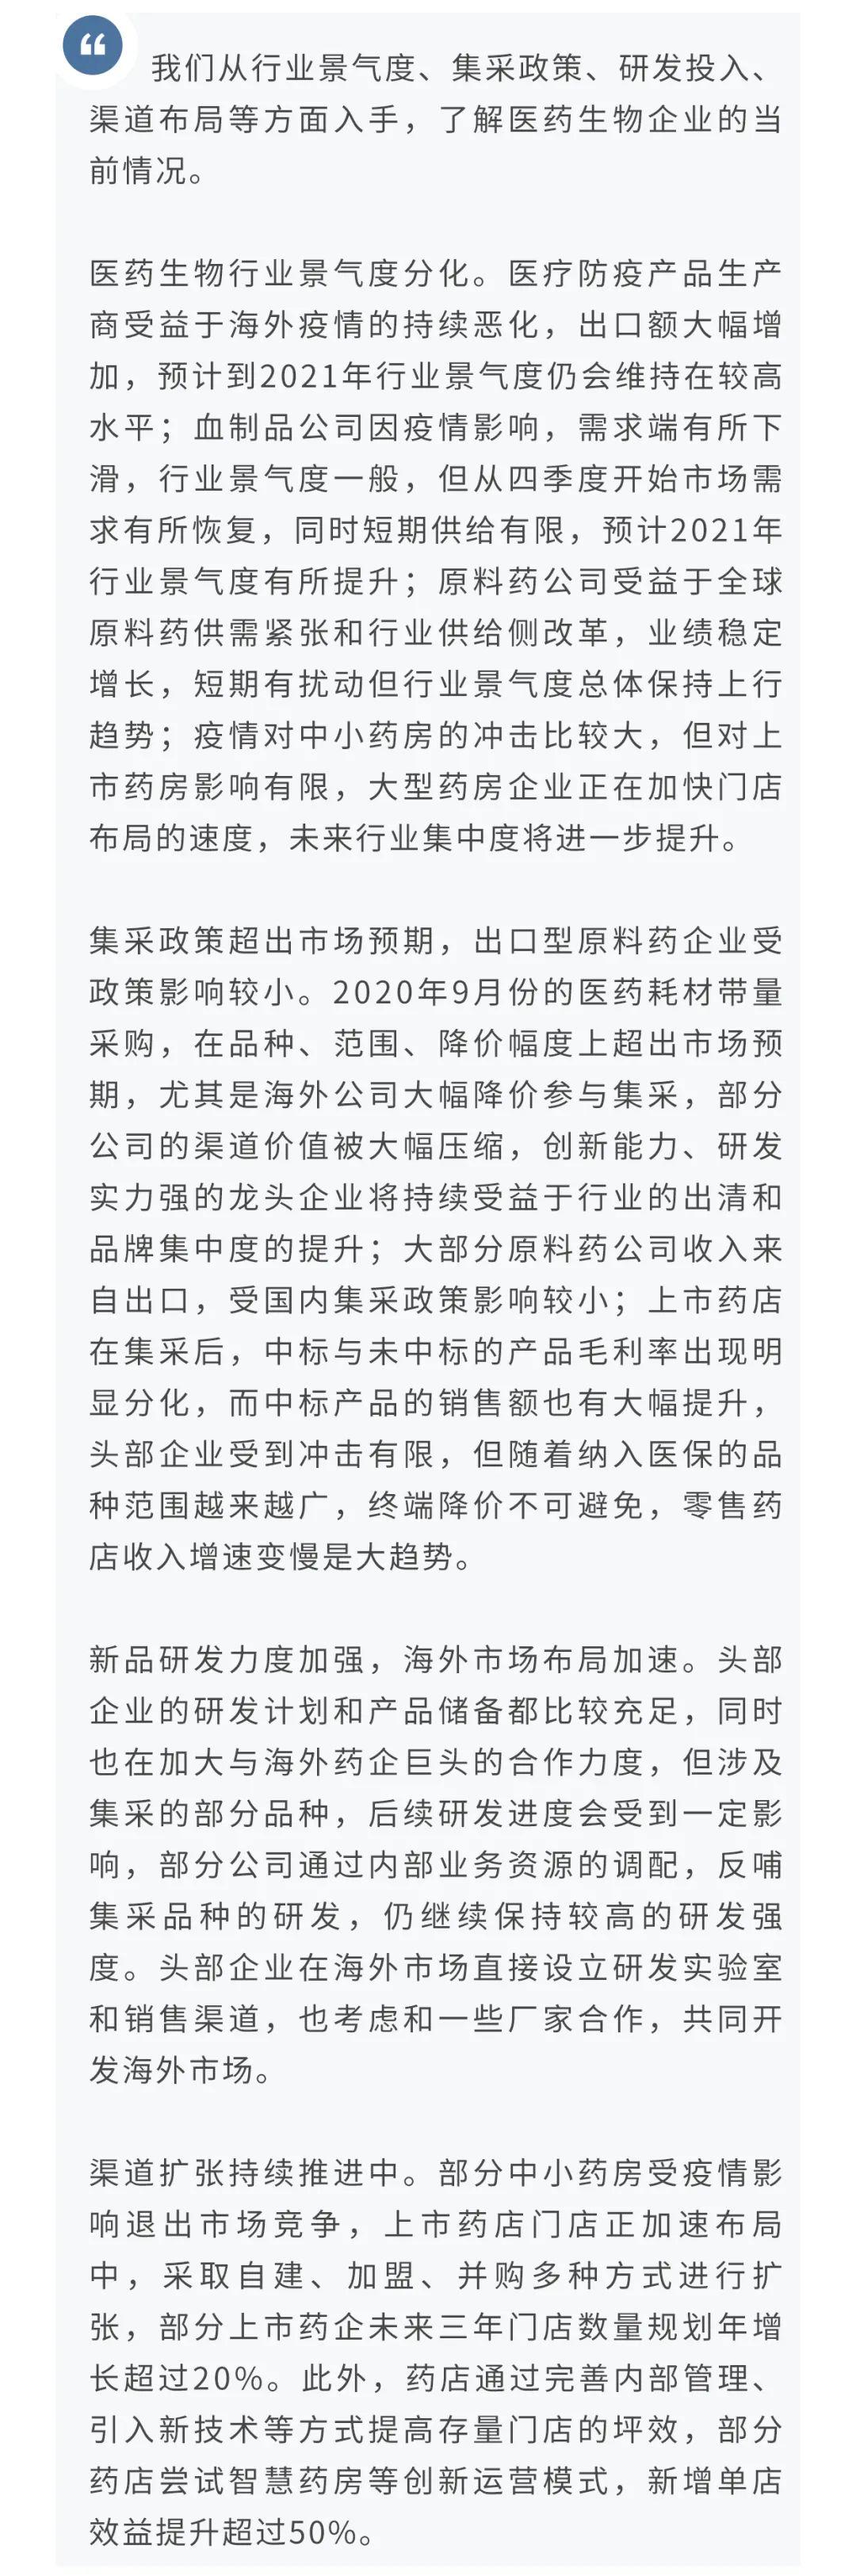 【产品】百家企业调研第7期(二)—医药生物企业调研总结